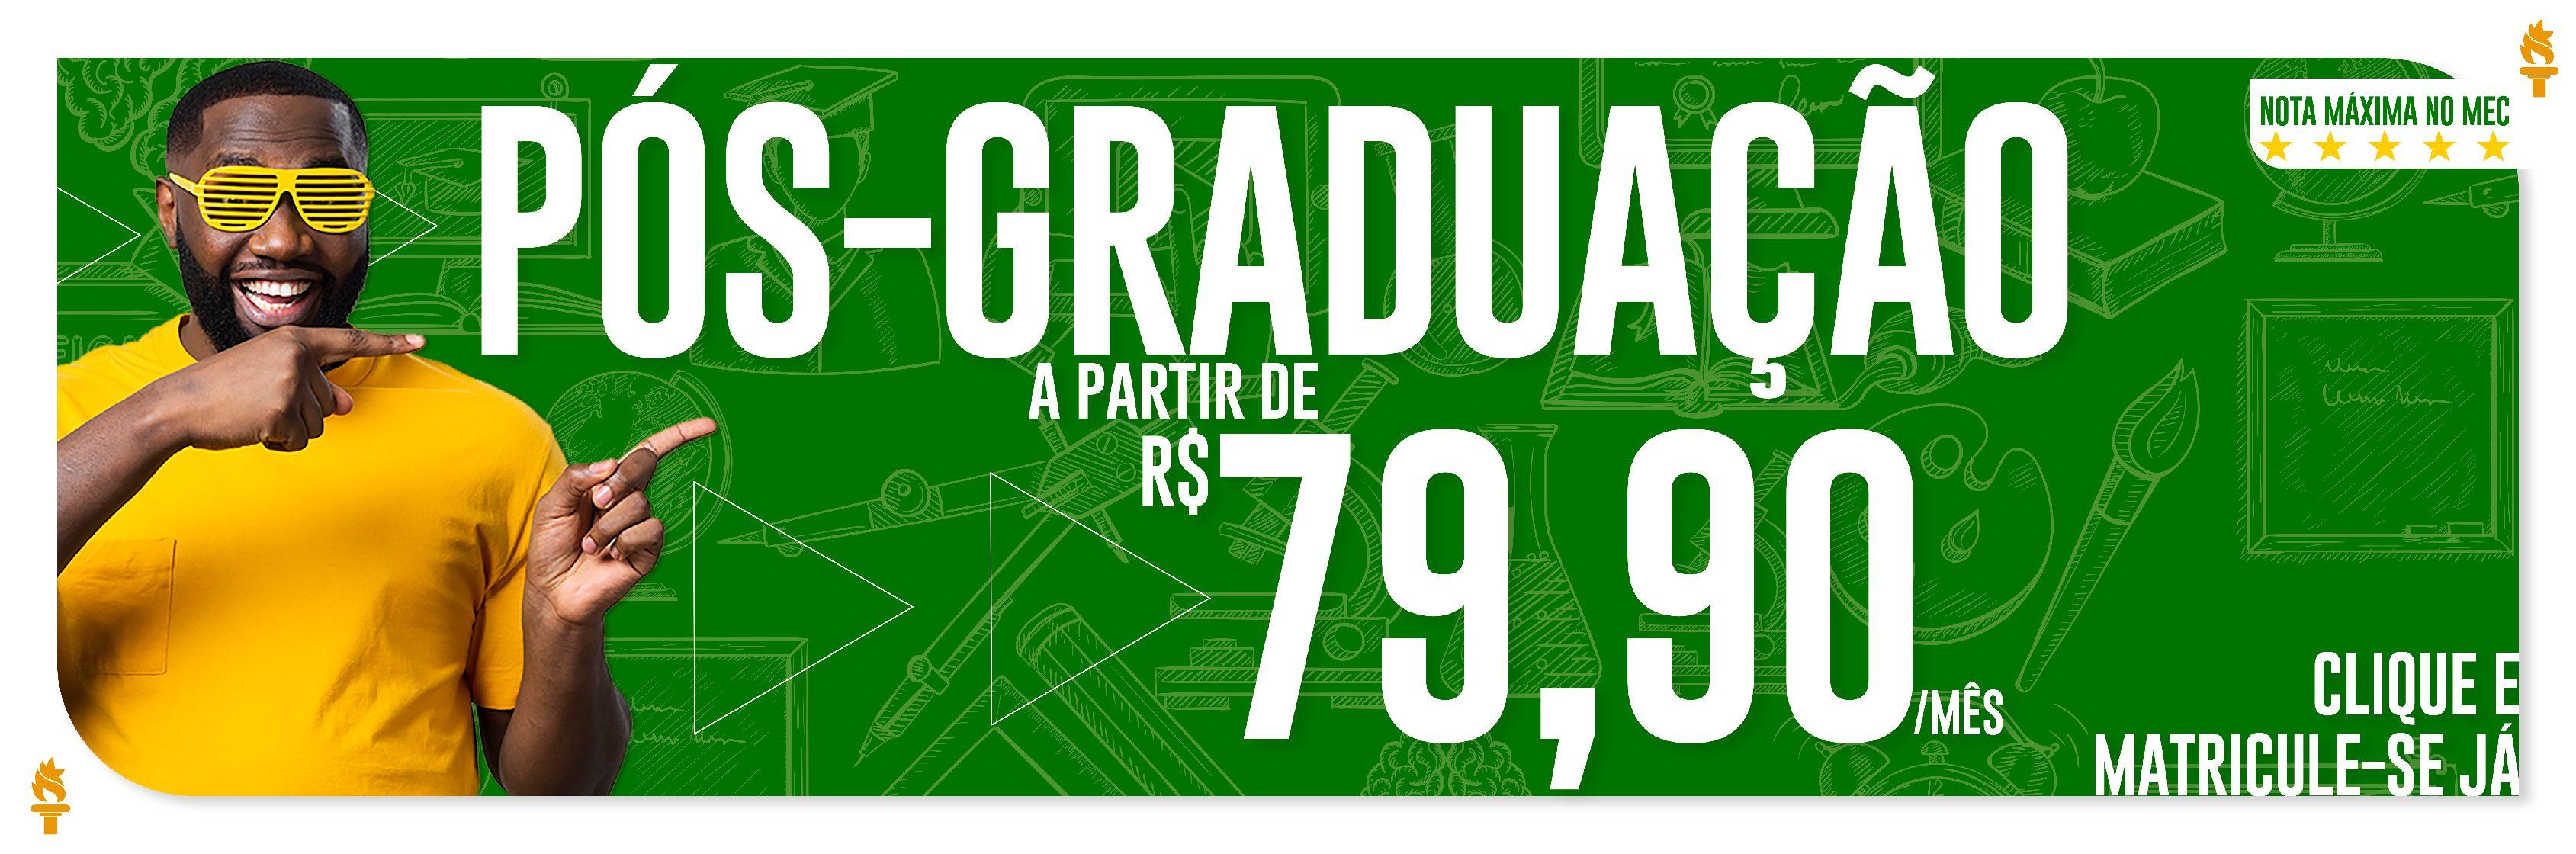 Inscrições abertas para cursos de Pós Graduação